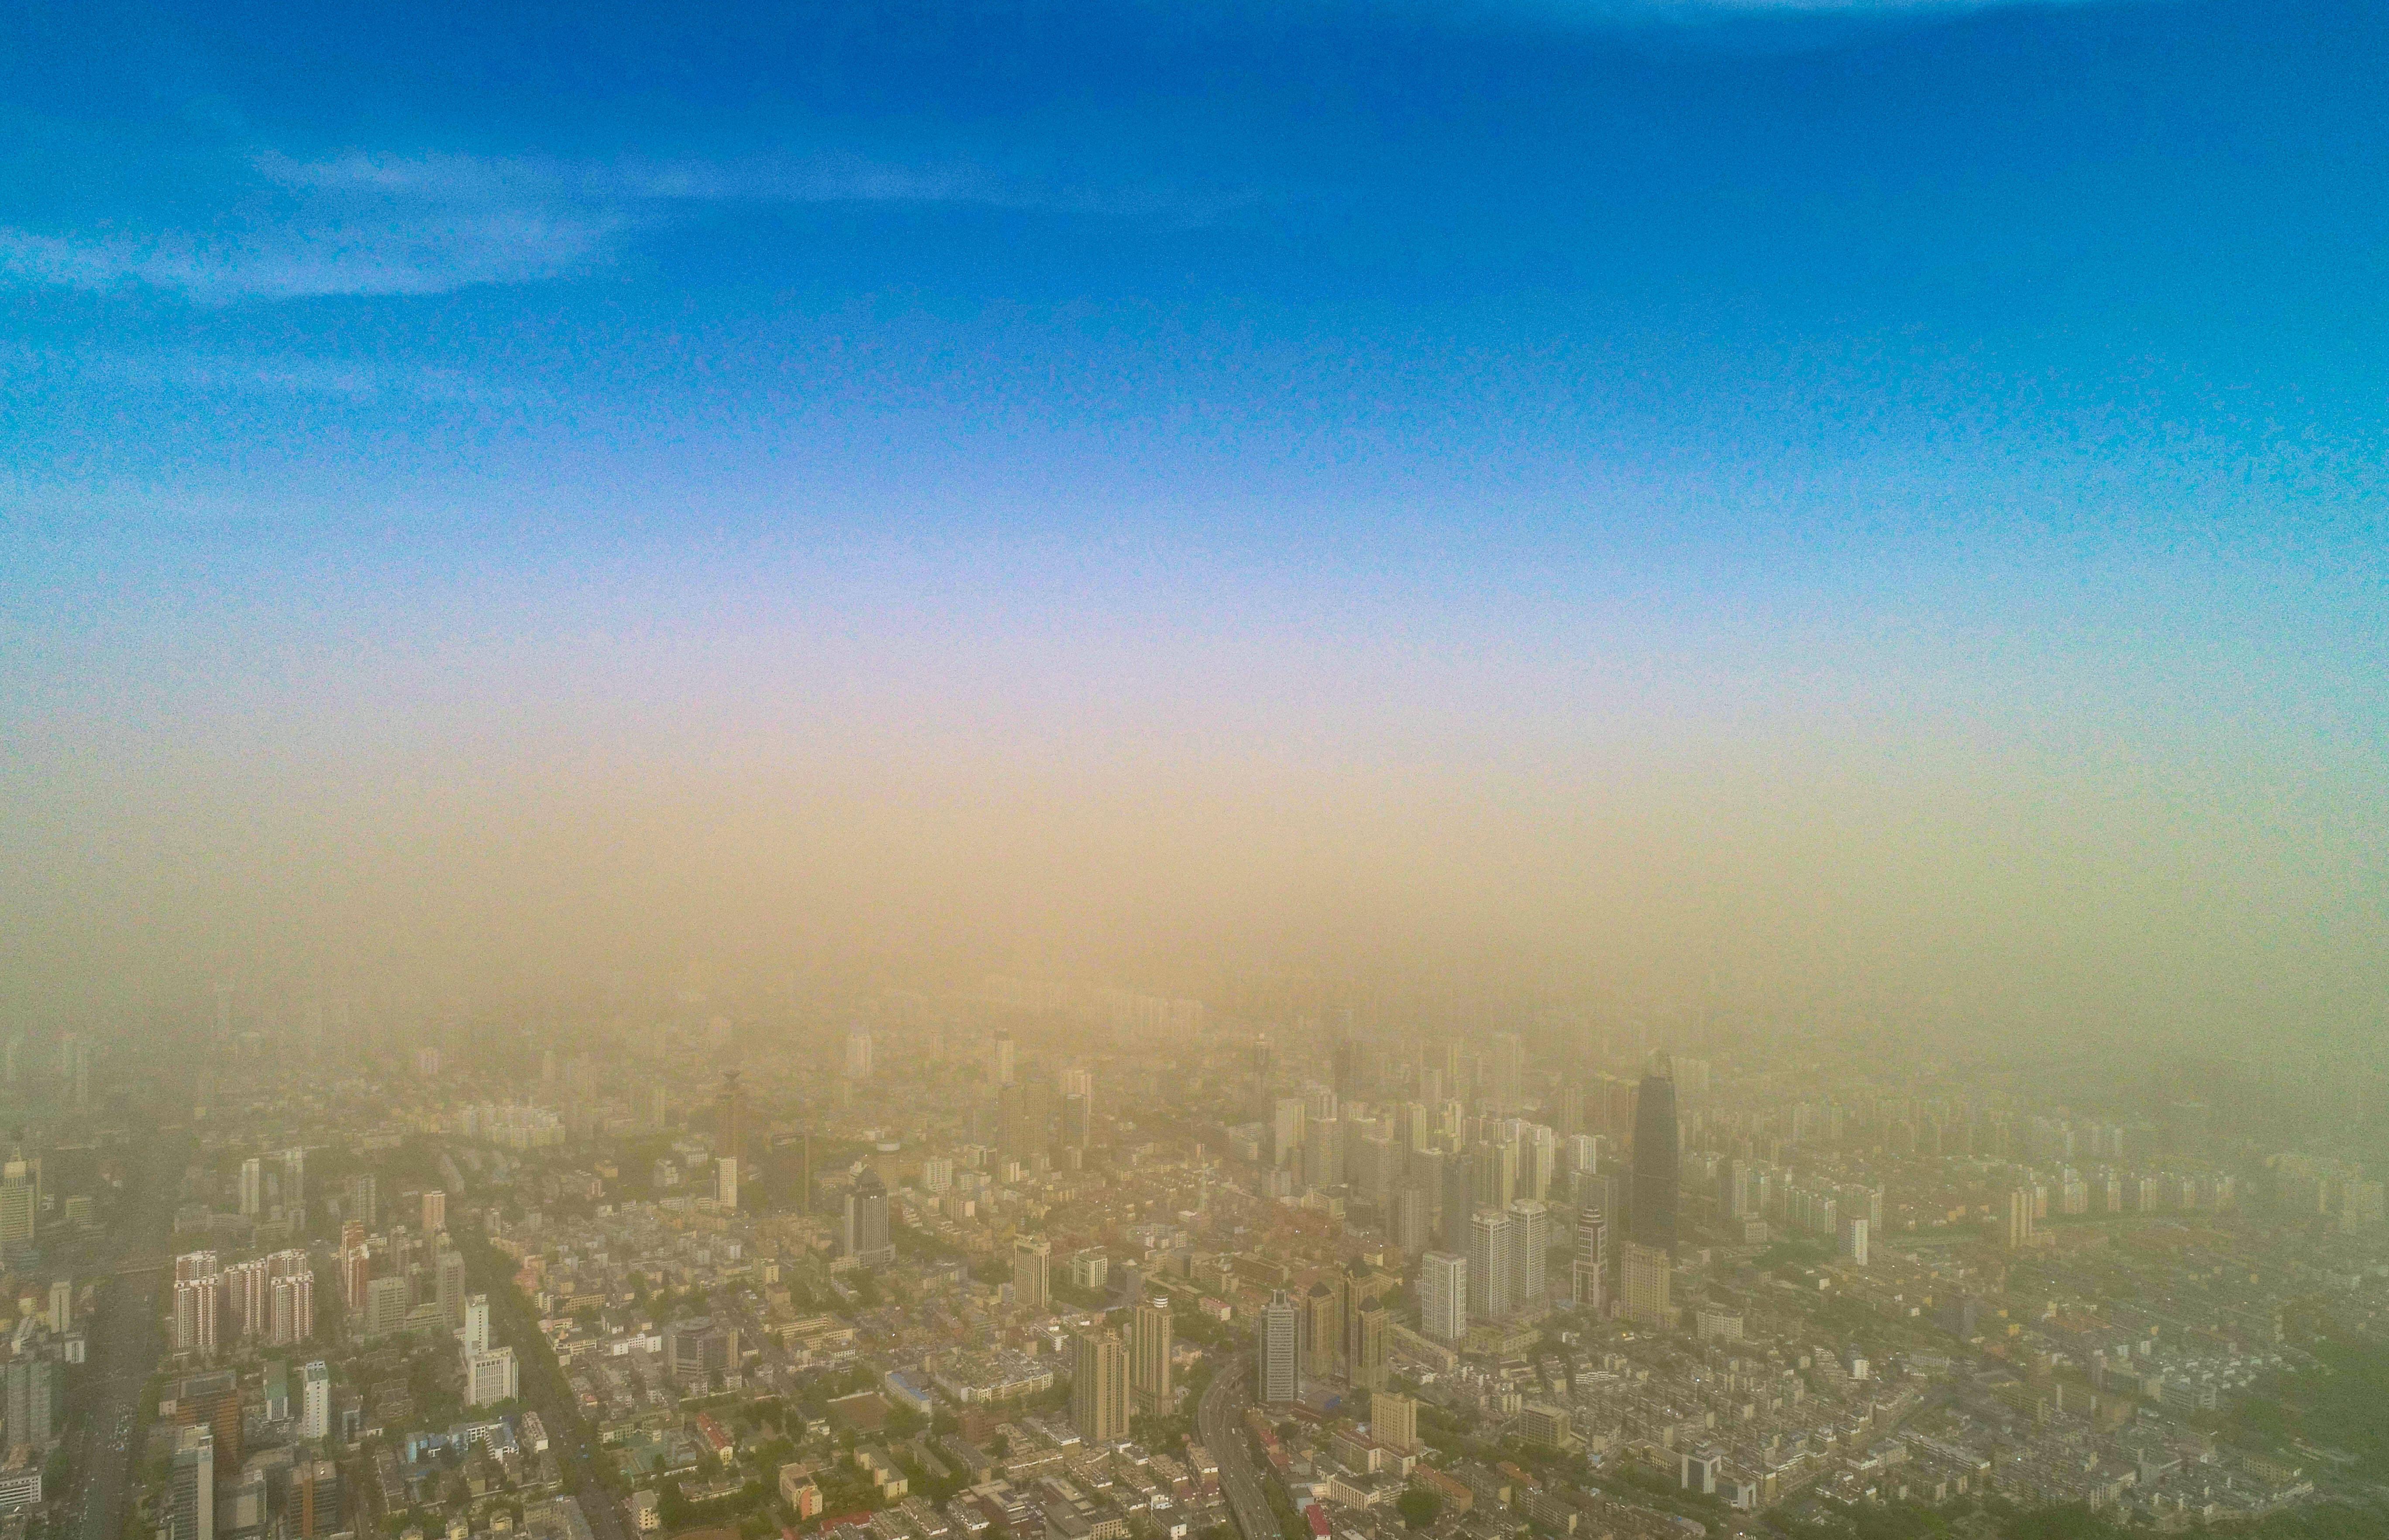 影像力丨扬沙浮尘围逼济南:沙尘上是蓝天白云 沙尘下是灰蒙蒙一片